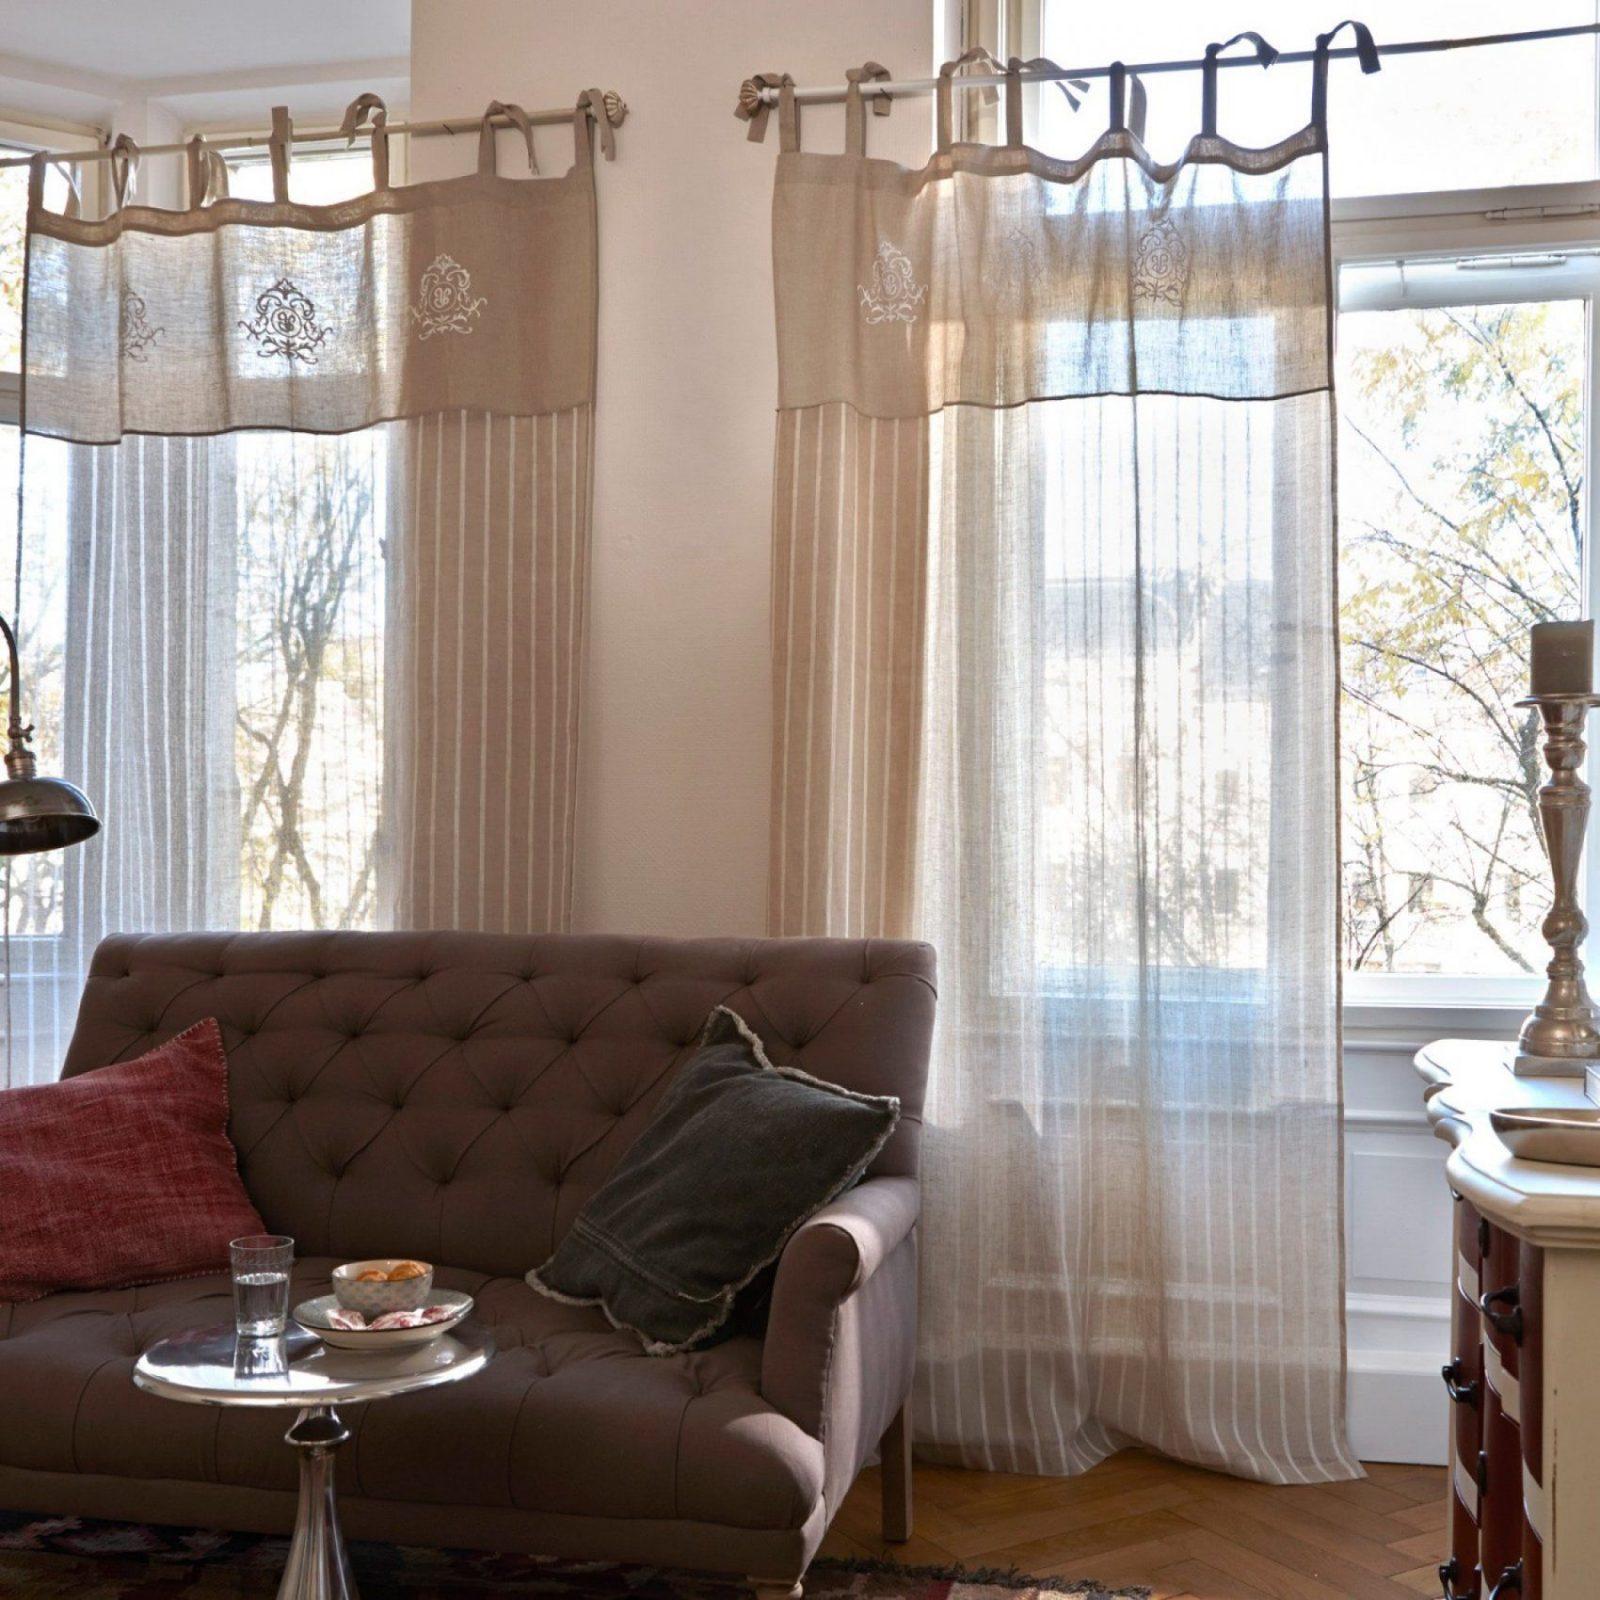 Gardinen Set Wohnzimmer  Home Design Ideas  Httpwww von Balkon Gardinen Set Photo